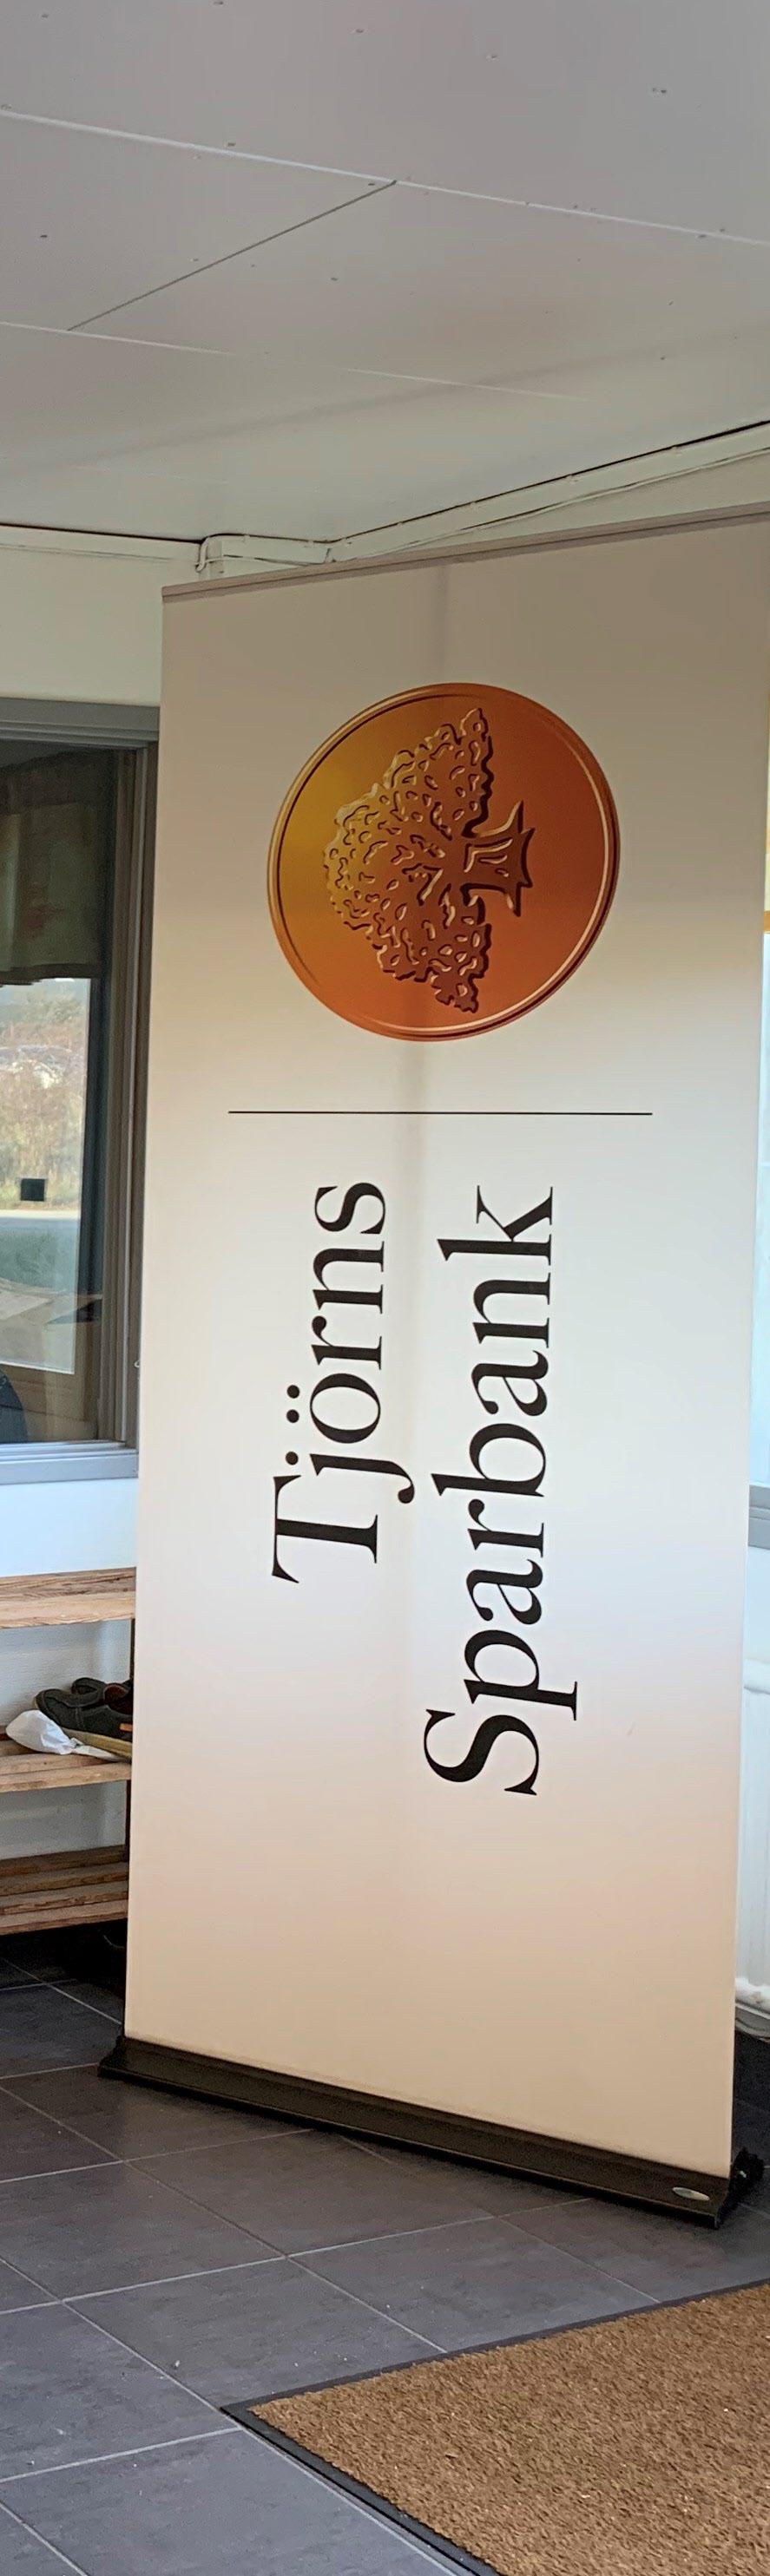 Tack till sponsorerna Tjörns Sparbank, ICA Runes Livs Kållekärr, Edvardssons Handelsträdgård, ICA Nordeviks Skärhamn